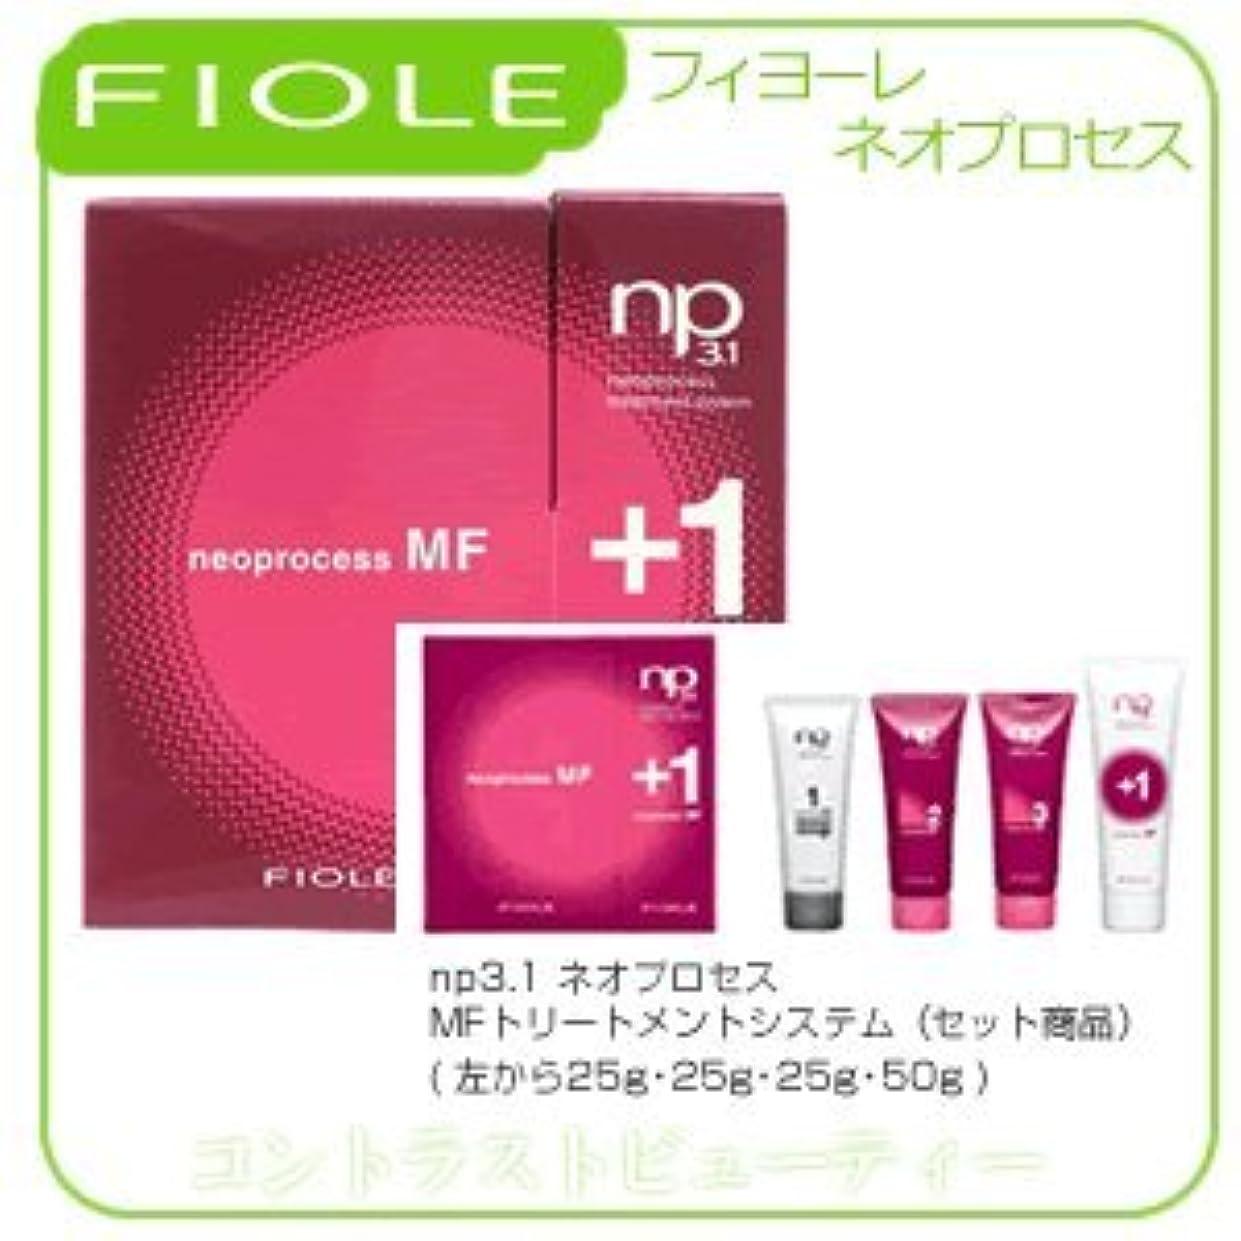 検閲ビタミンシャッターフィヨーレ NP3.1 ネオプロセス MF トリートメントシステム FIOLE ネオプロセス